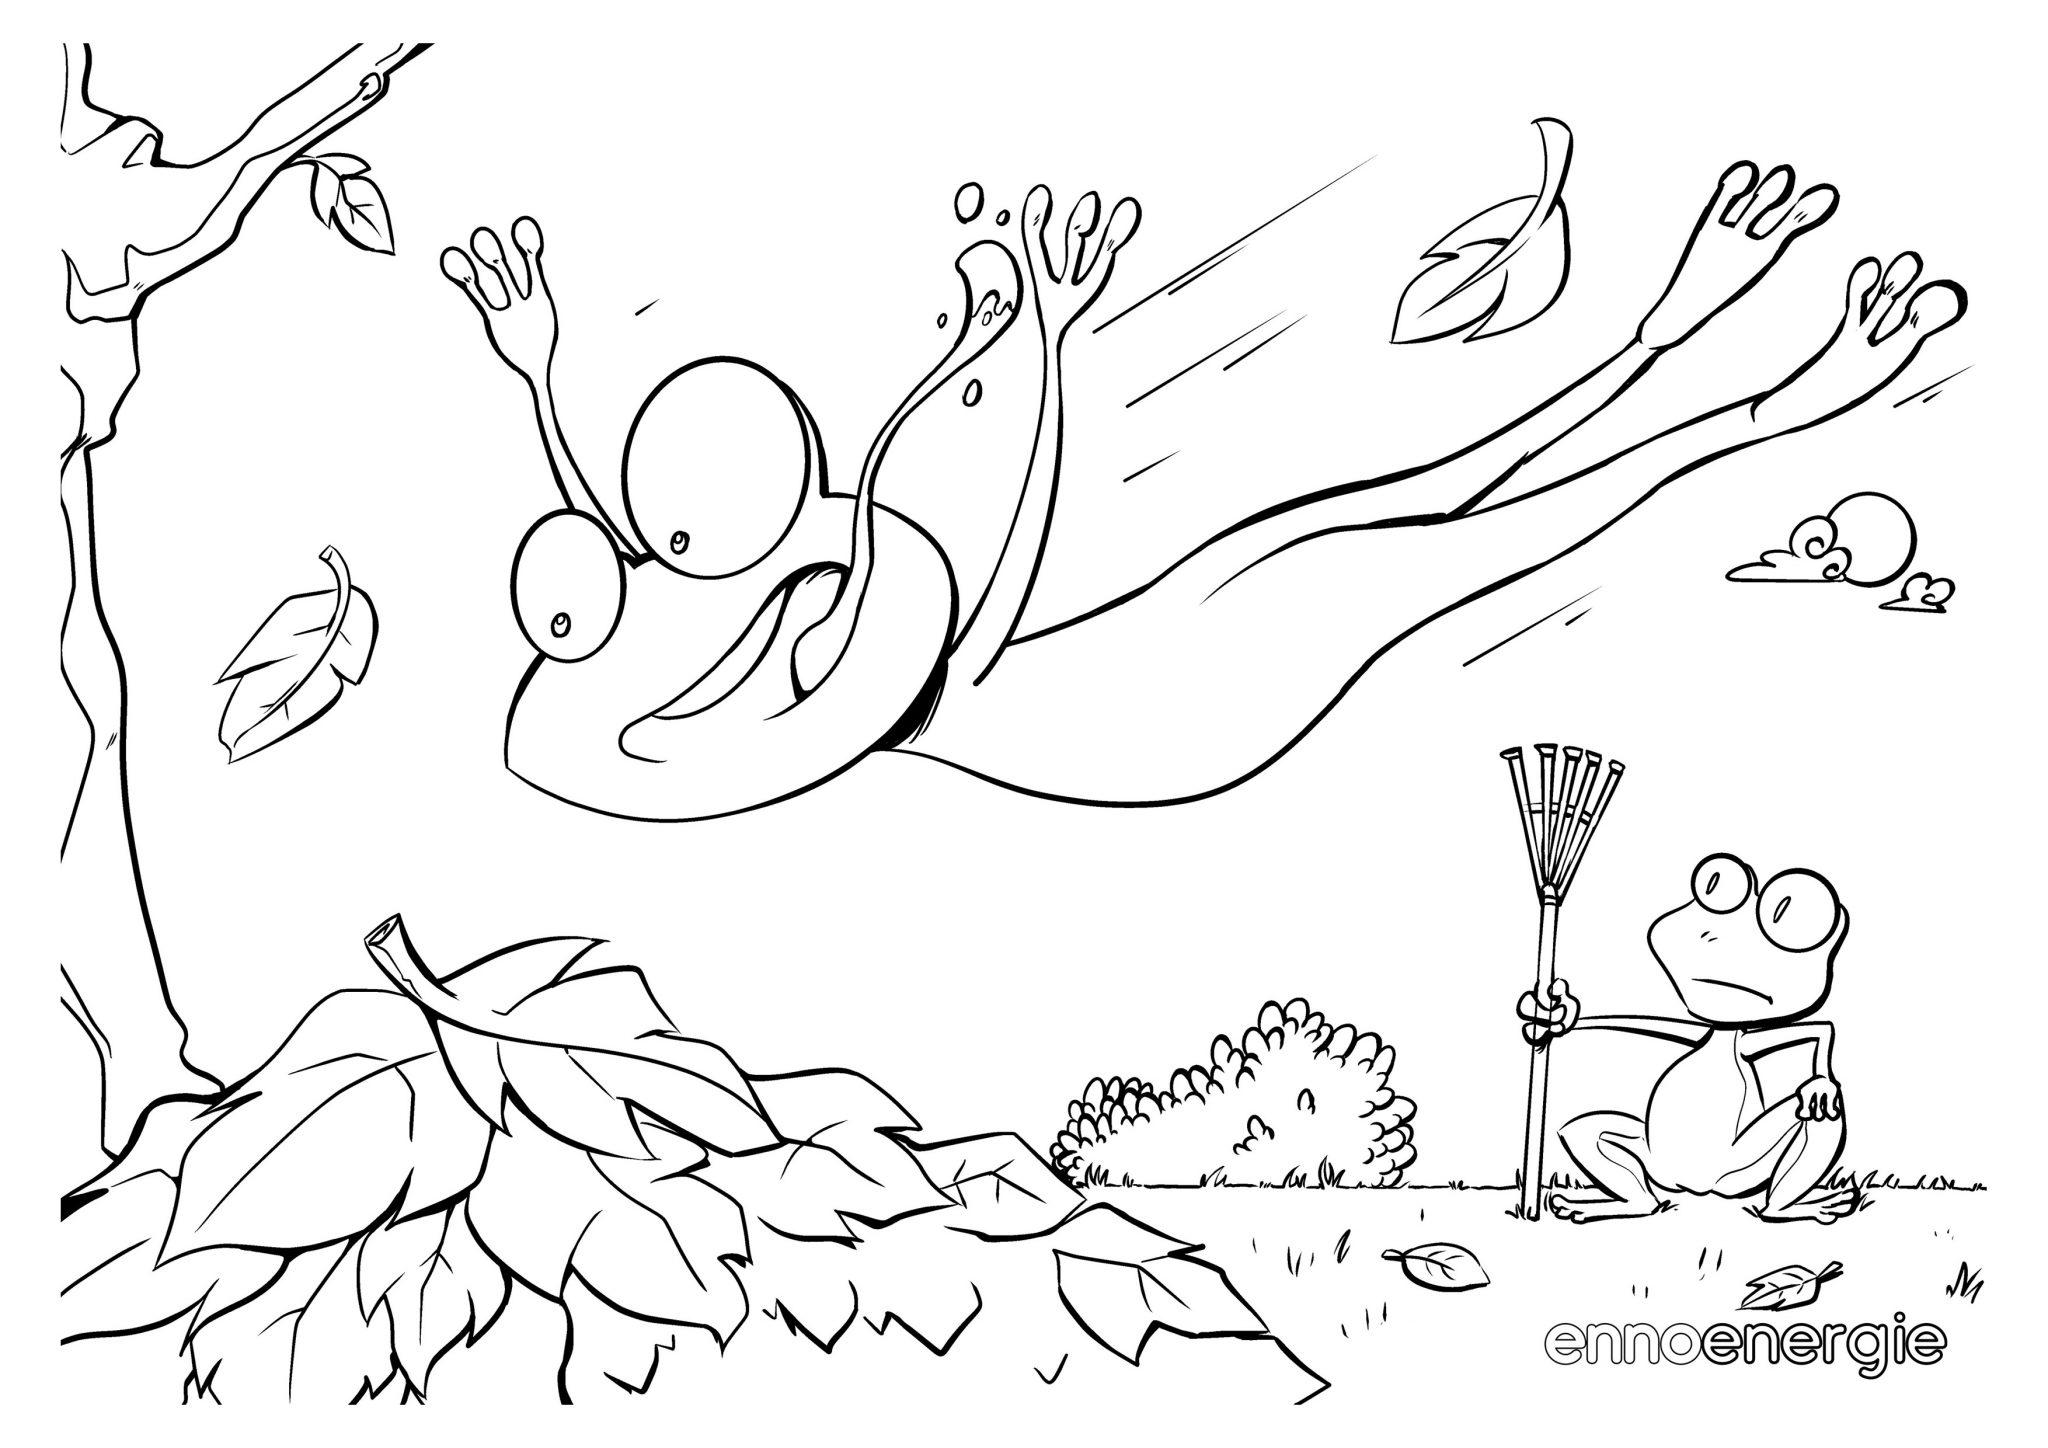 Frosch Malvorlage - kinderbilderdownload kinderbilder